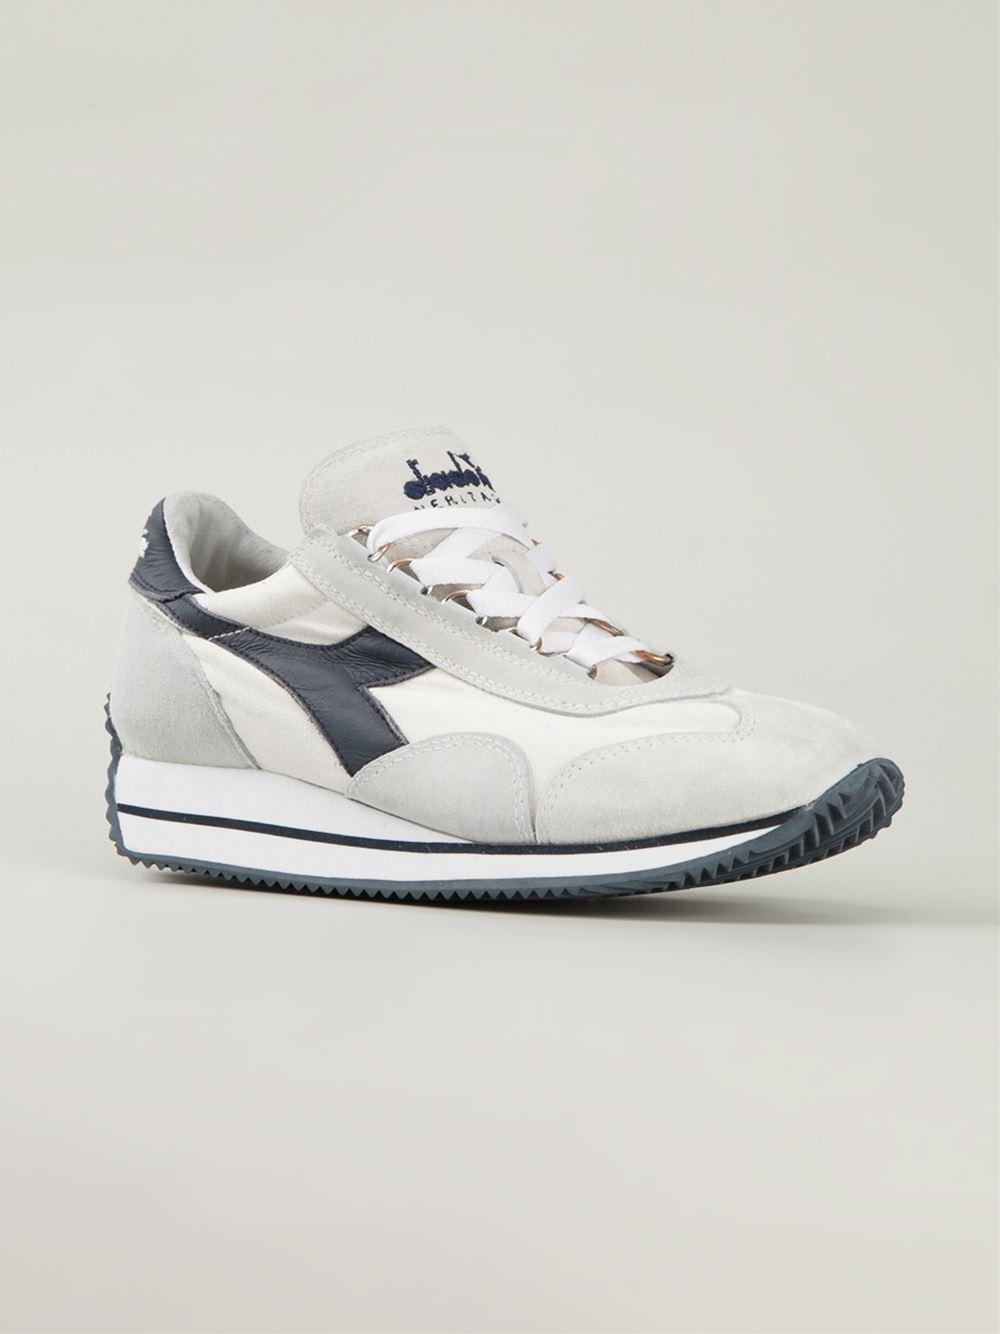 diadora sneakers - photo #20